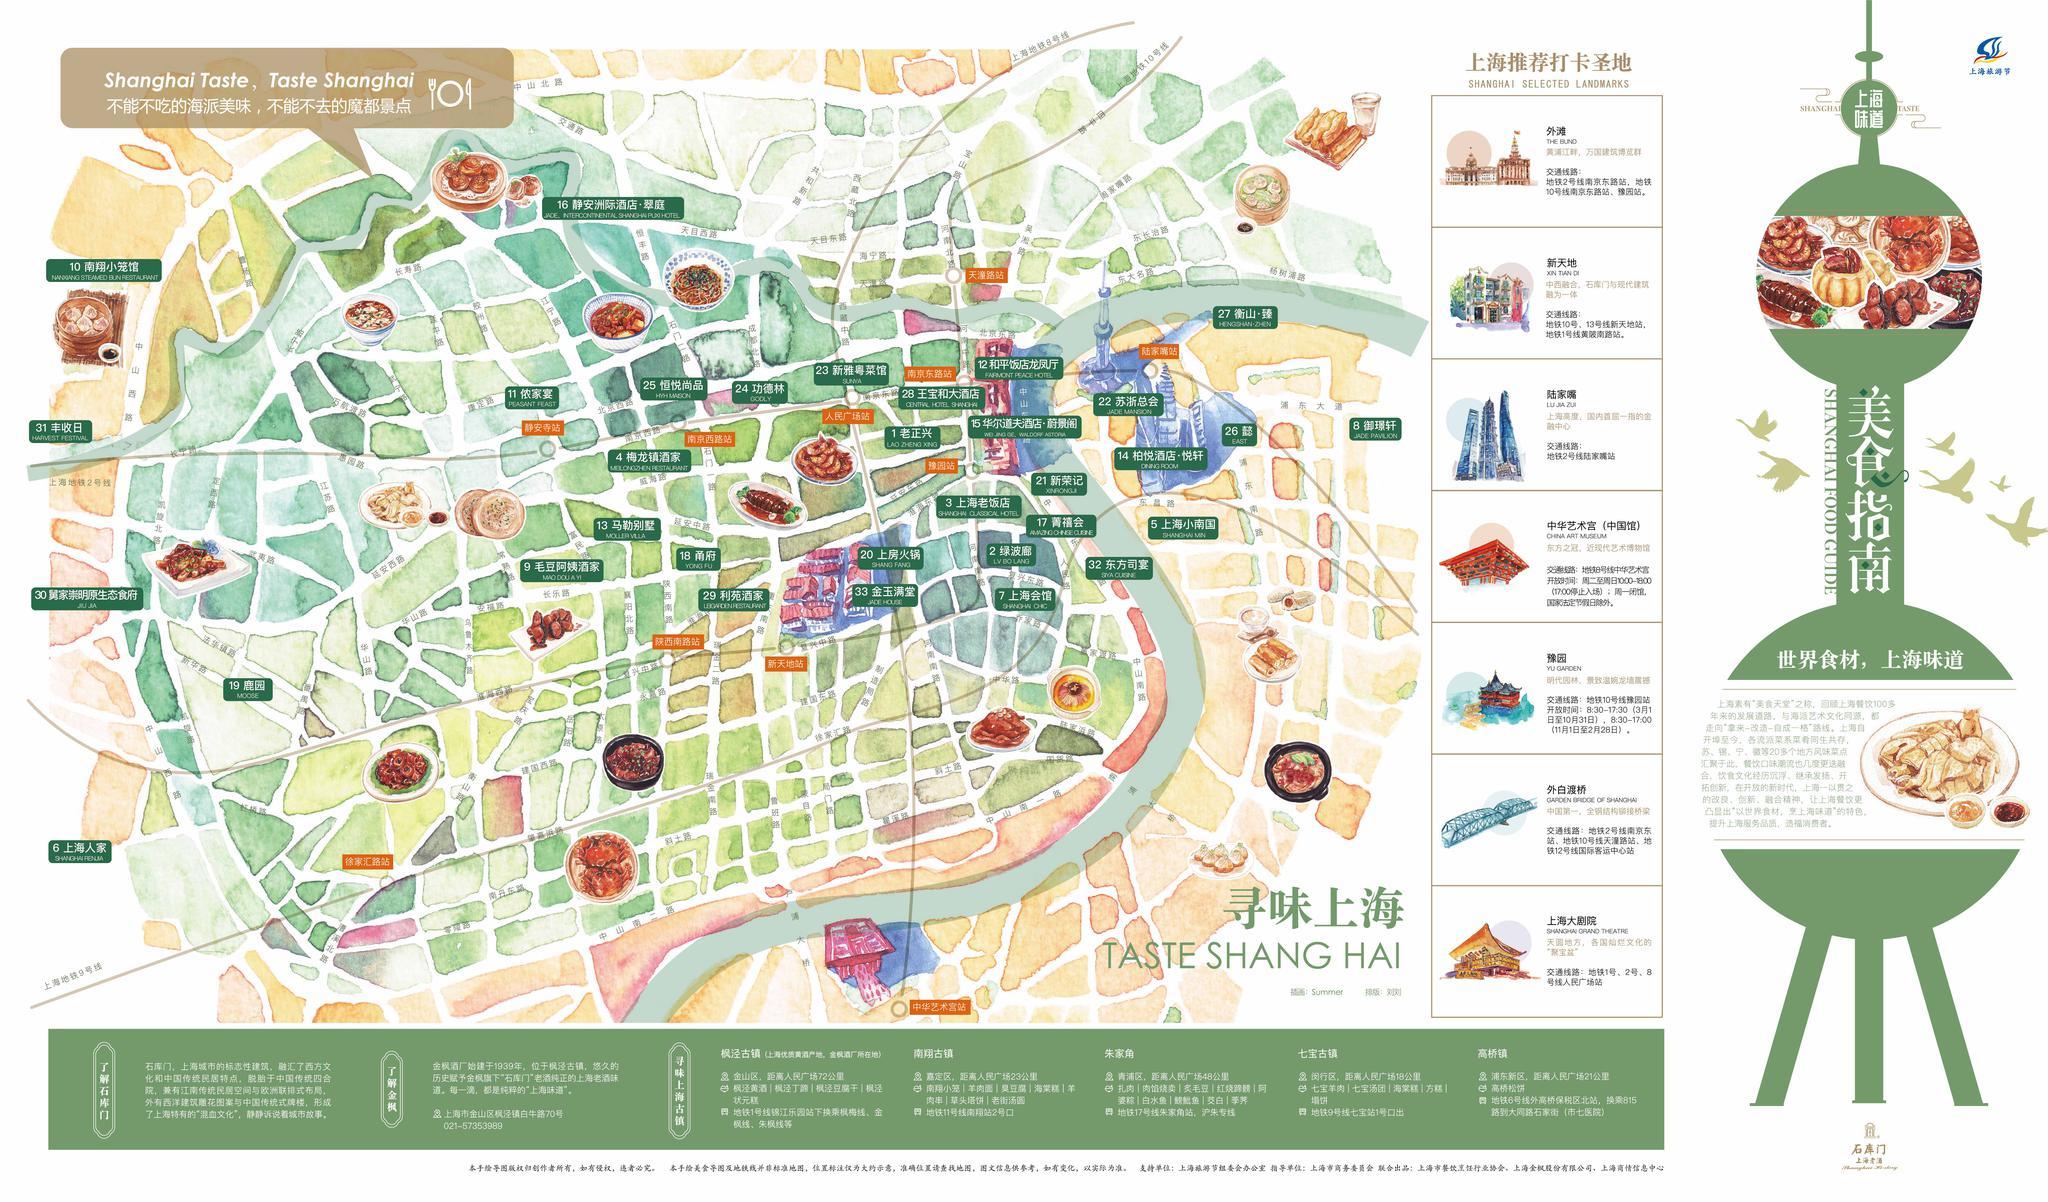 吃货们,2019手绘版上海味道美食地图来了!